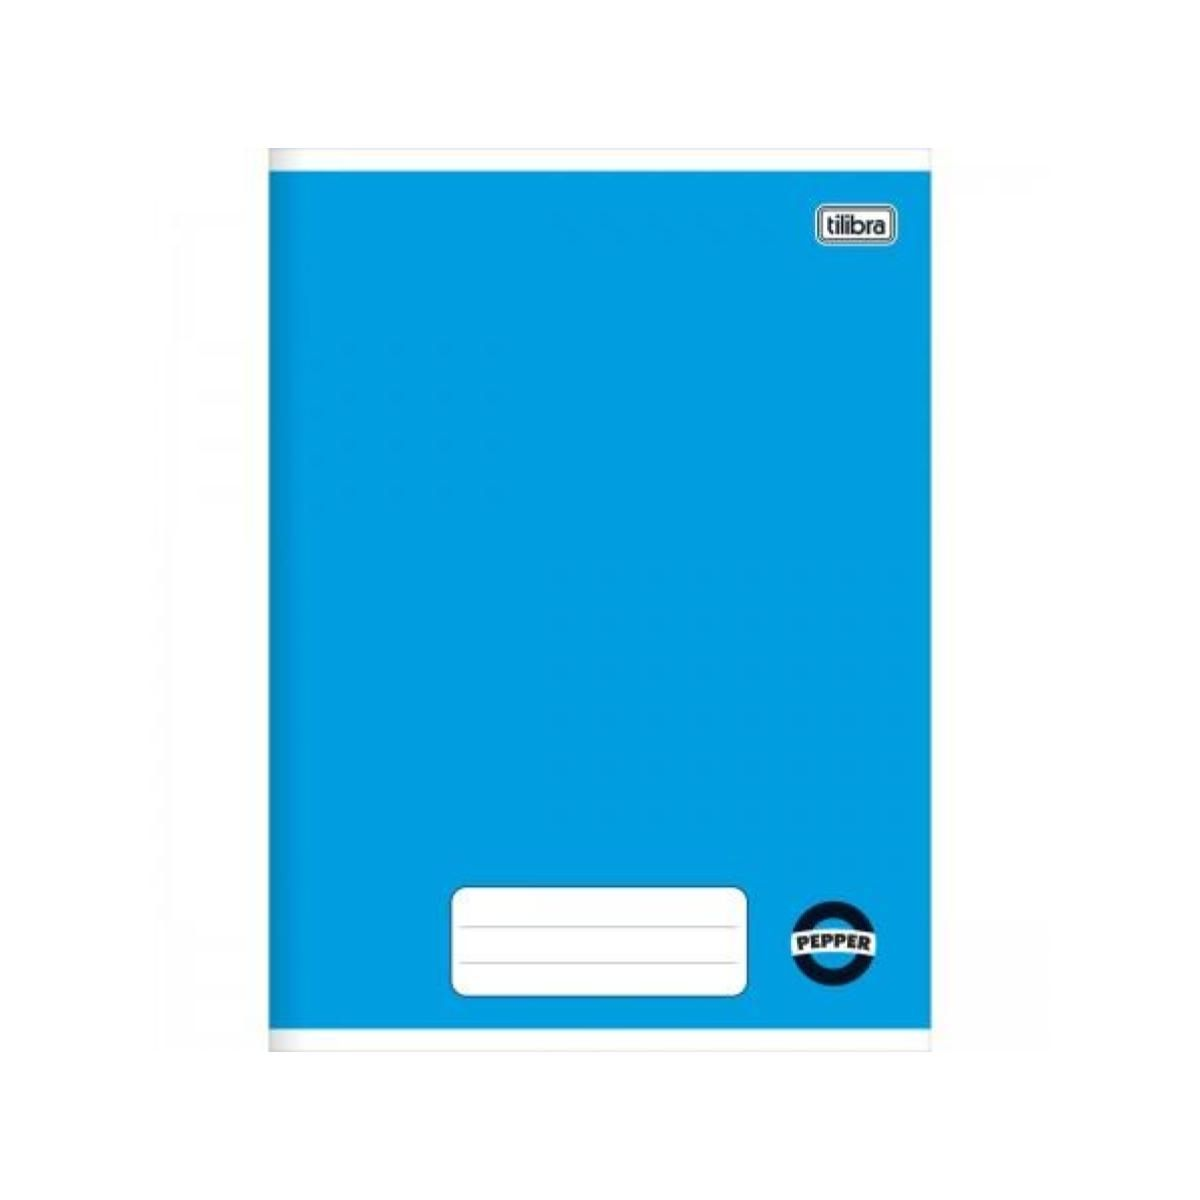 Caderno Pepper Universitário Brochura Capa Flexível 60 Folhas Tilibra